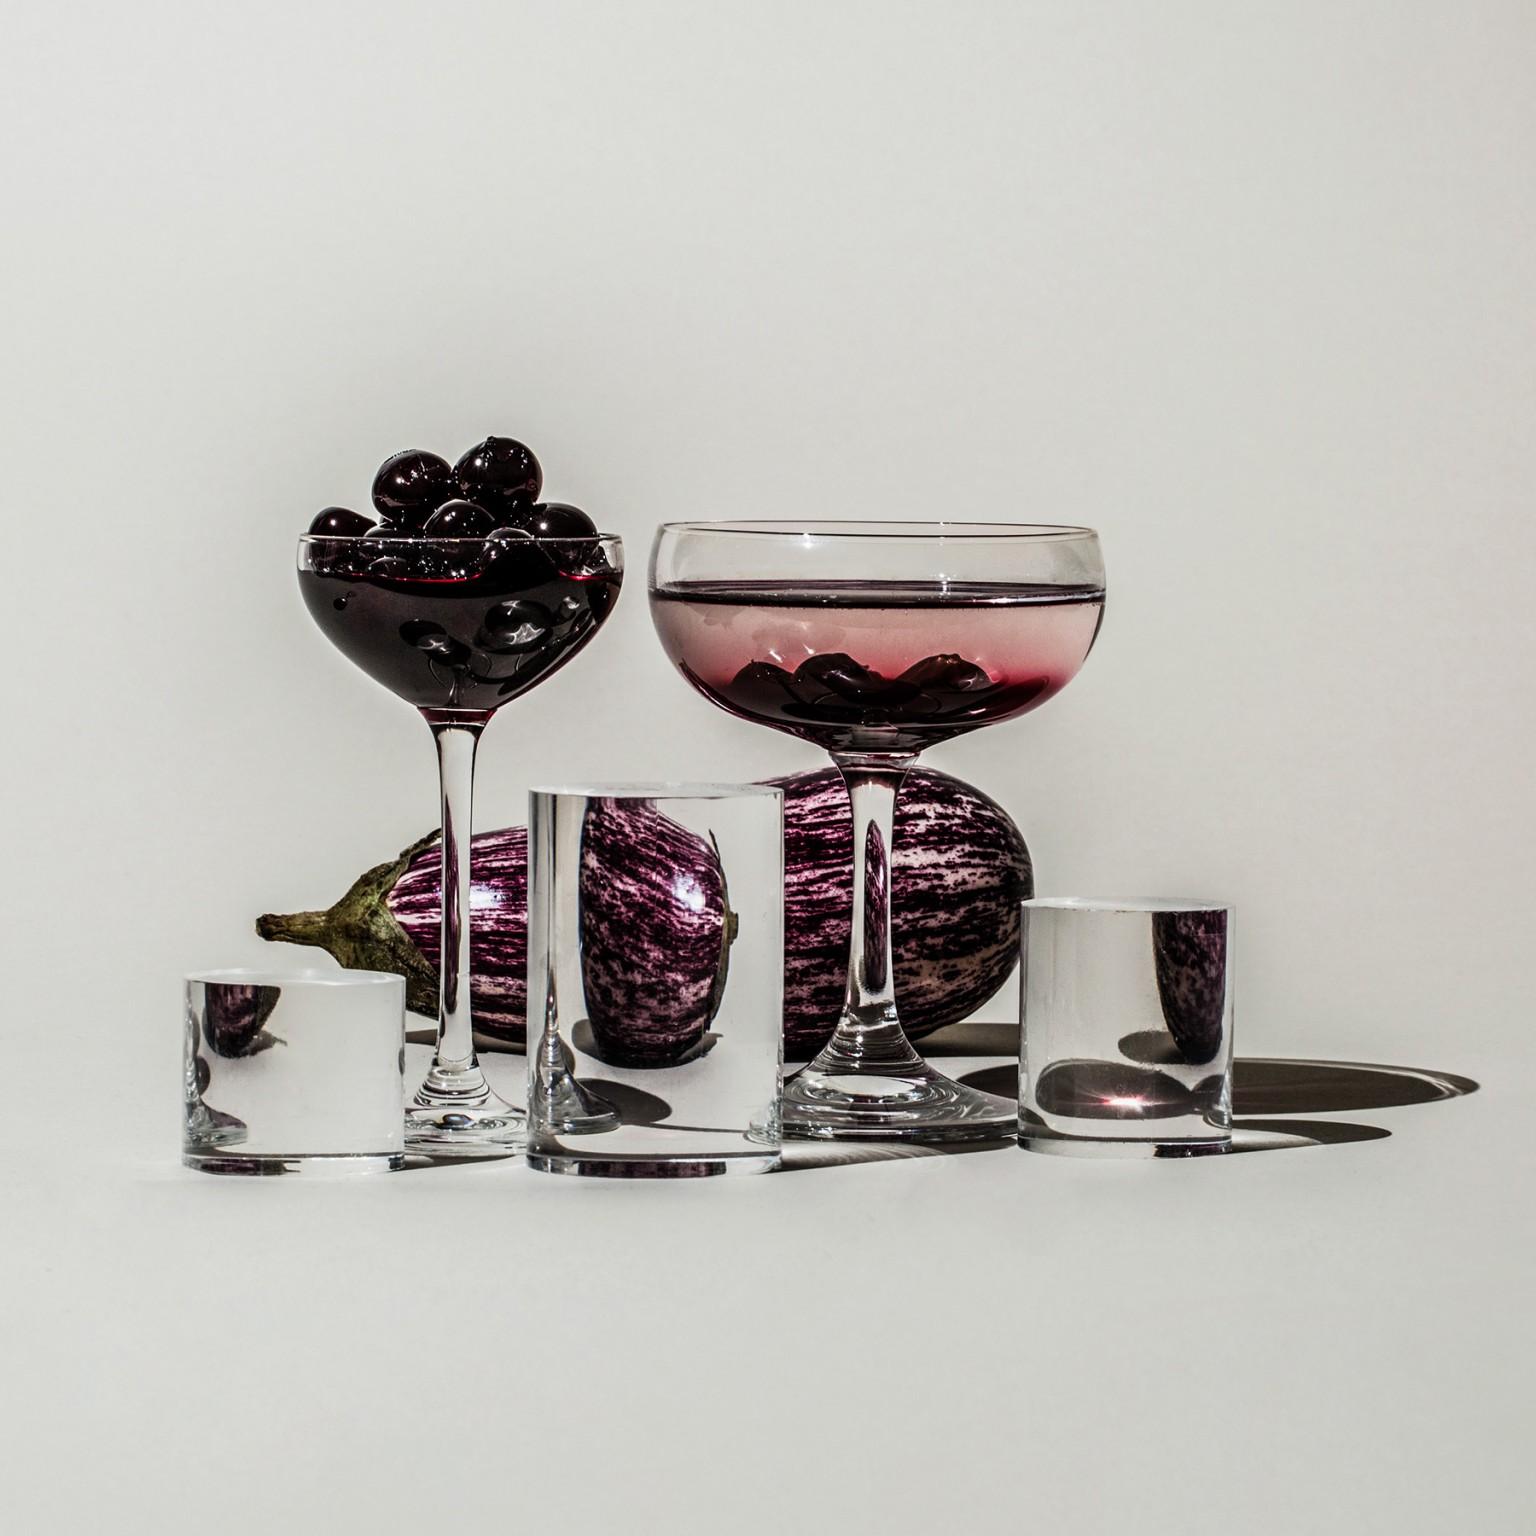 Perspective, le fotografie distorte di Suzanne Saroff | Collater.al 2